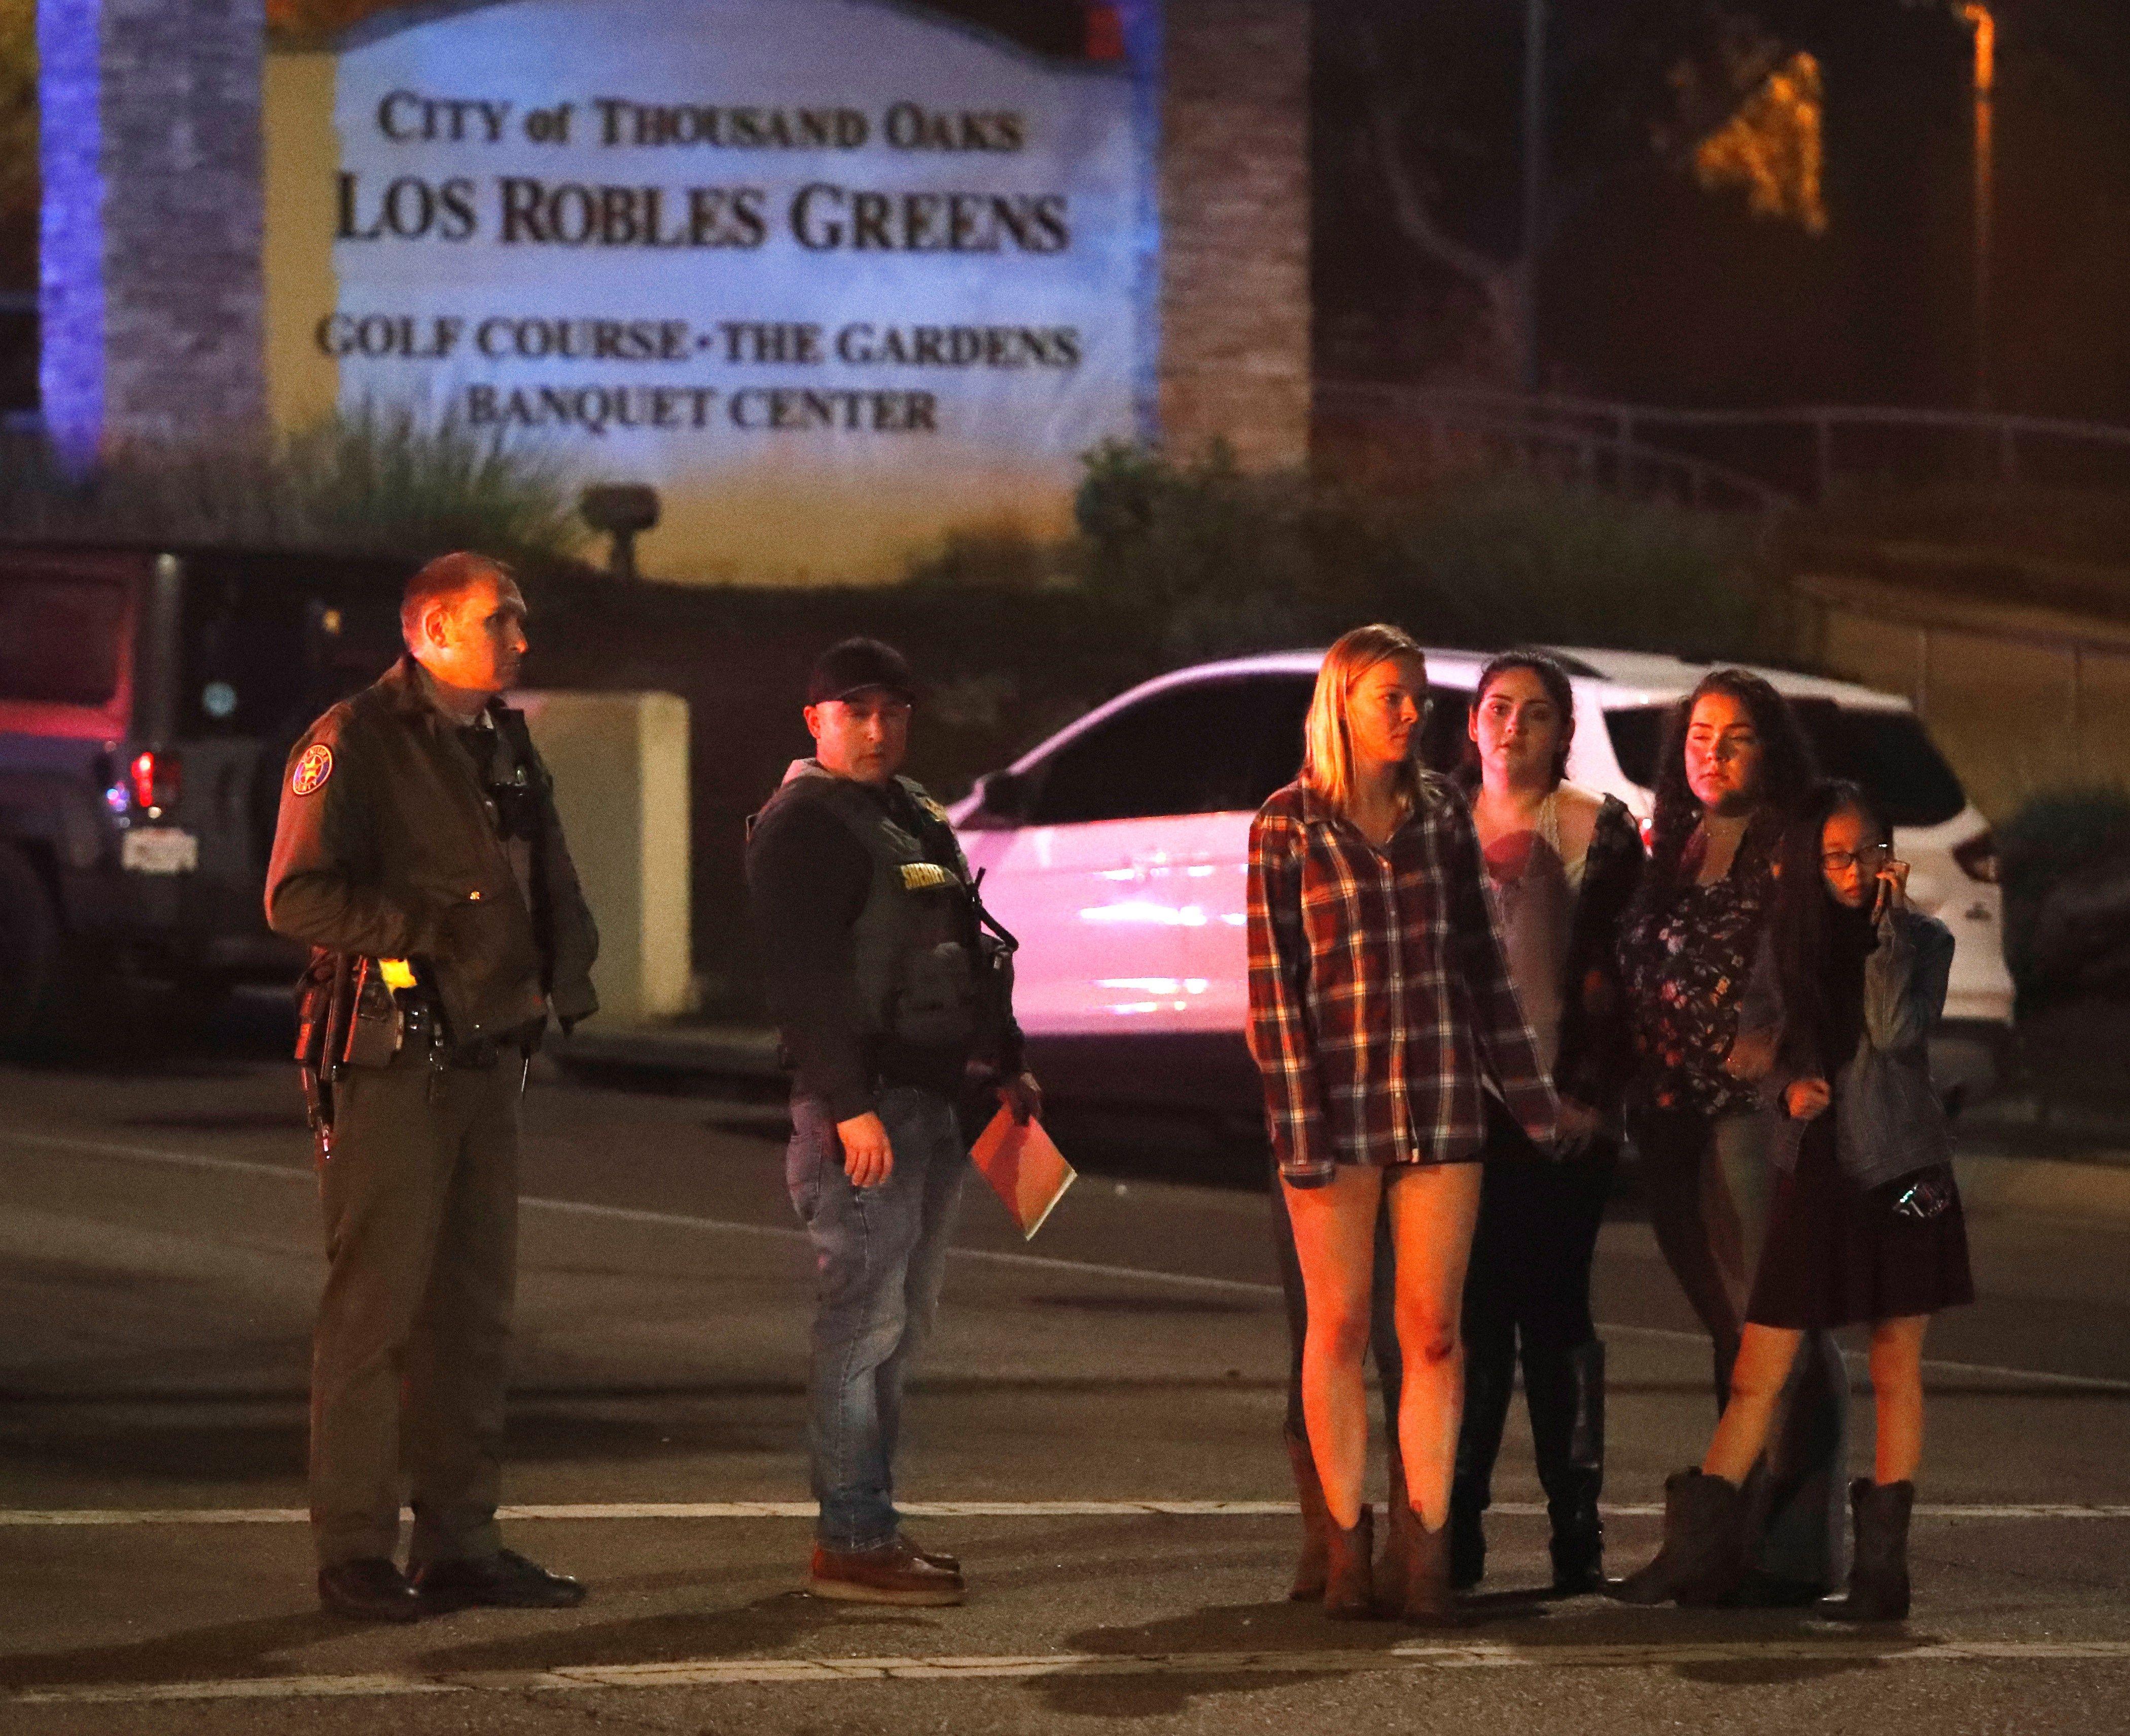 Un grupo de mujeres se alejan del lugar del tiroteo. Los miércoles el lugar suele convocar a cientos de jóvenes en un evento de música country